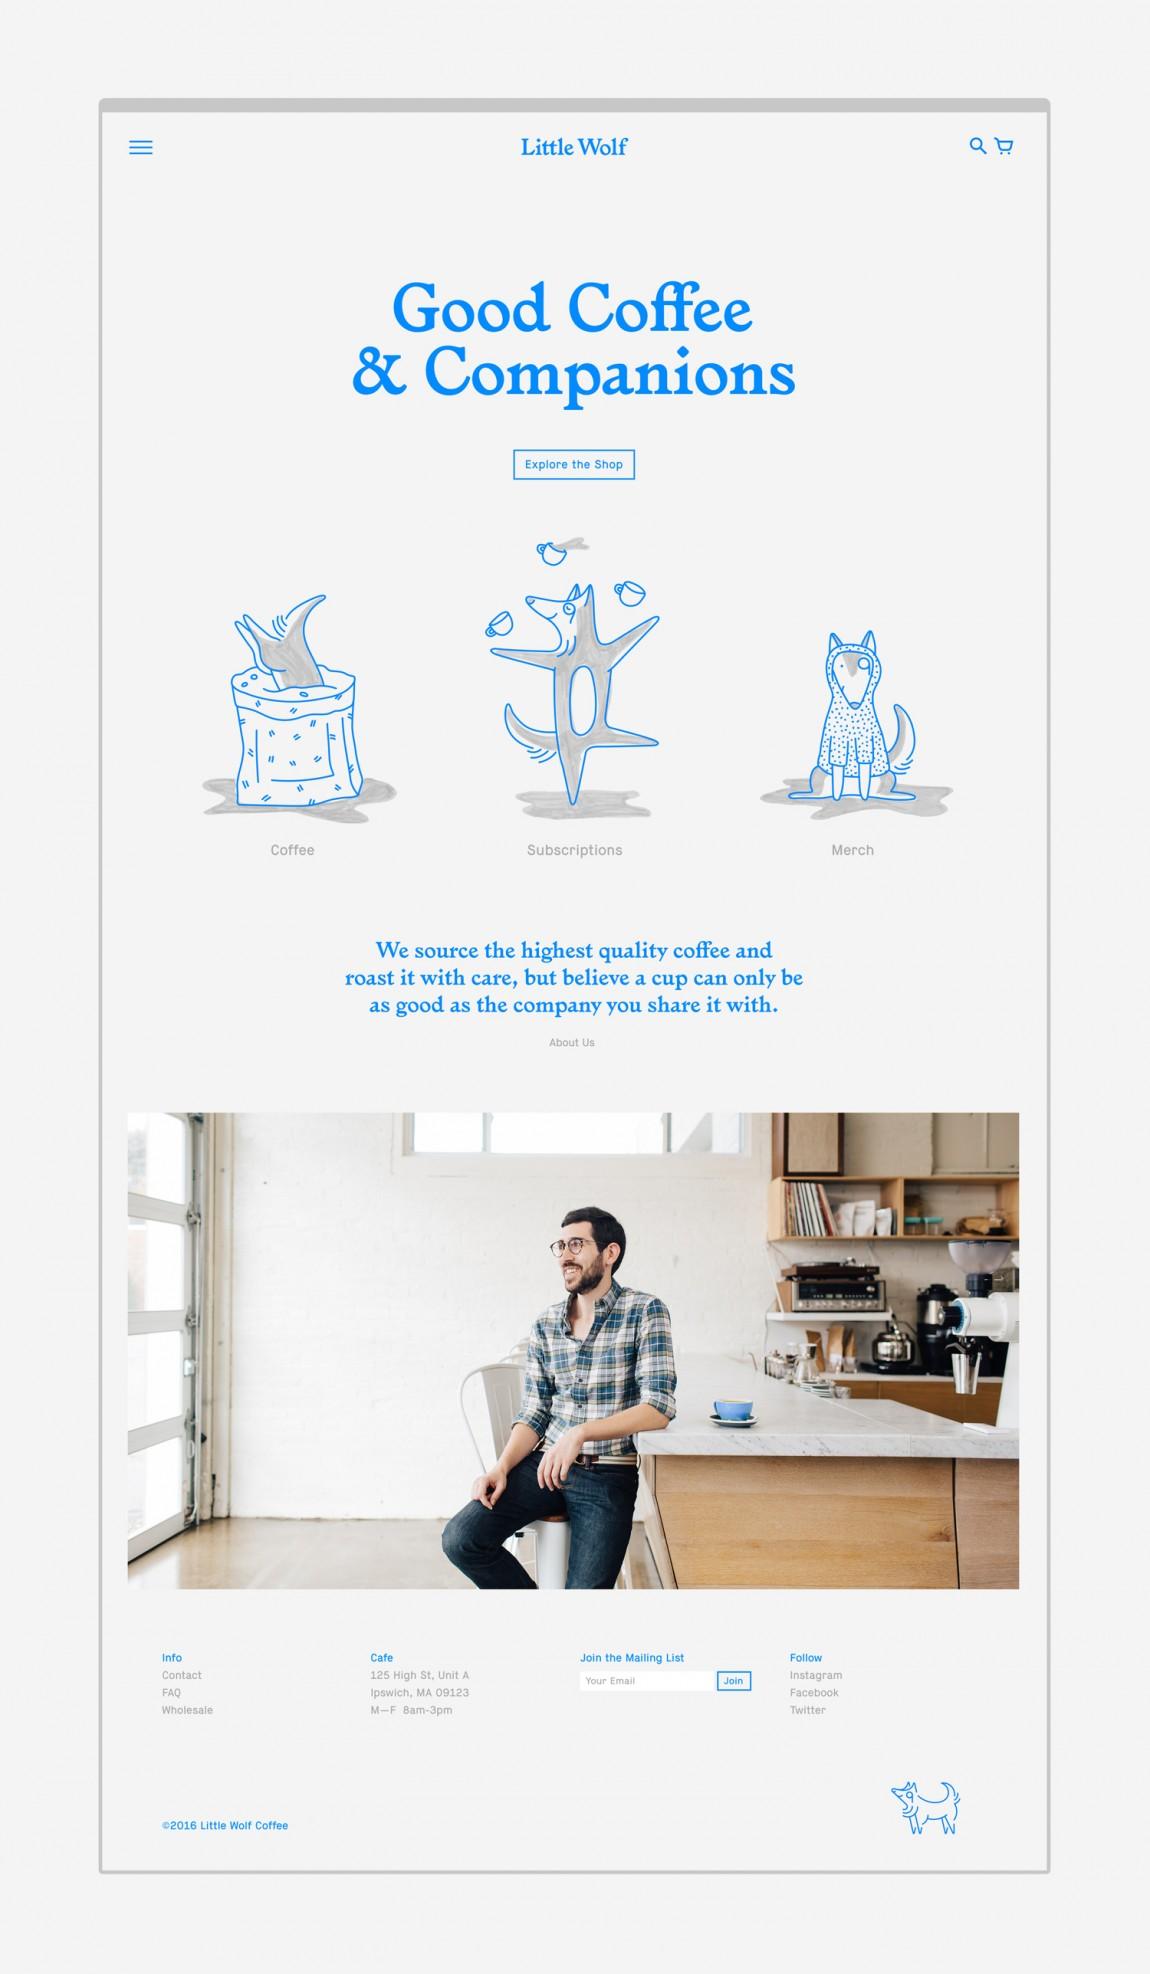 如何提升品牌形象?Little Wolf烘焙工坊咖啡馆品牌vi设计,网站设计